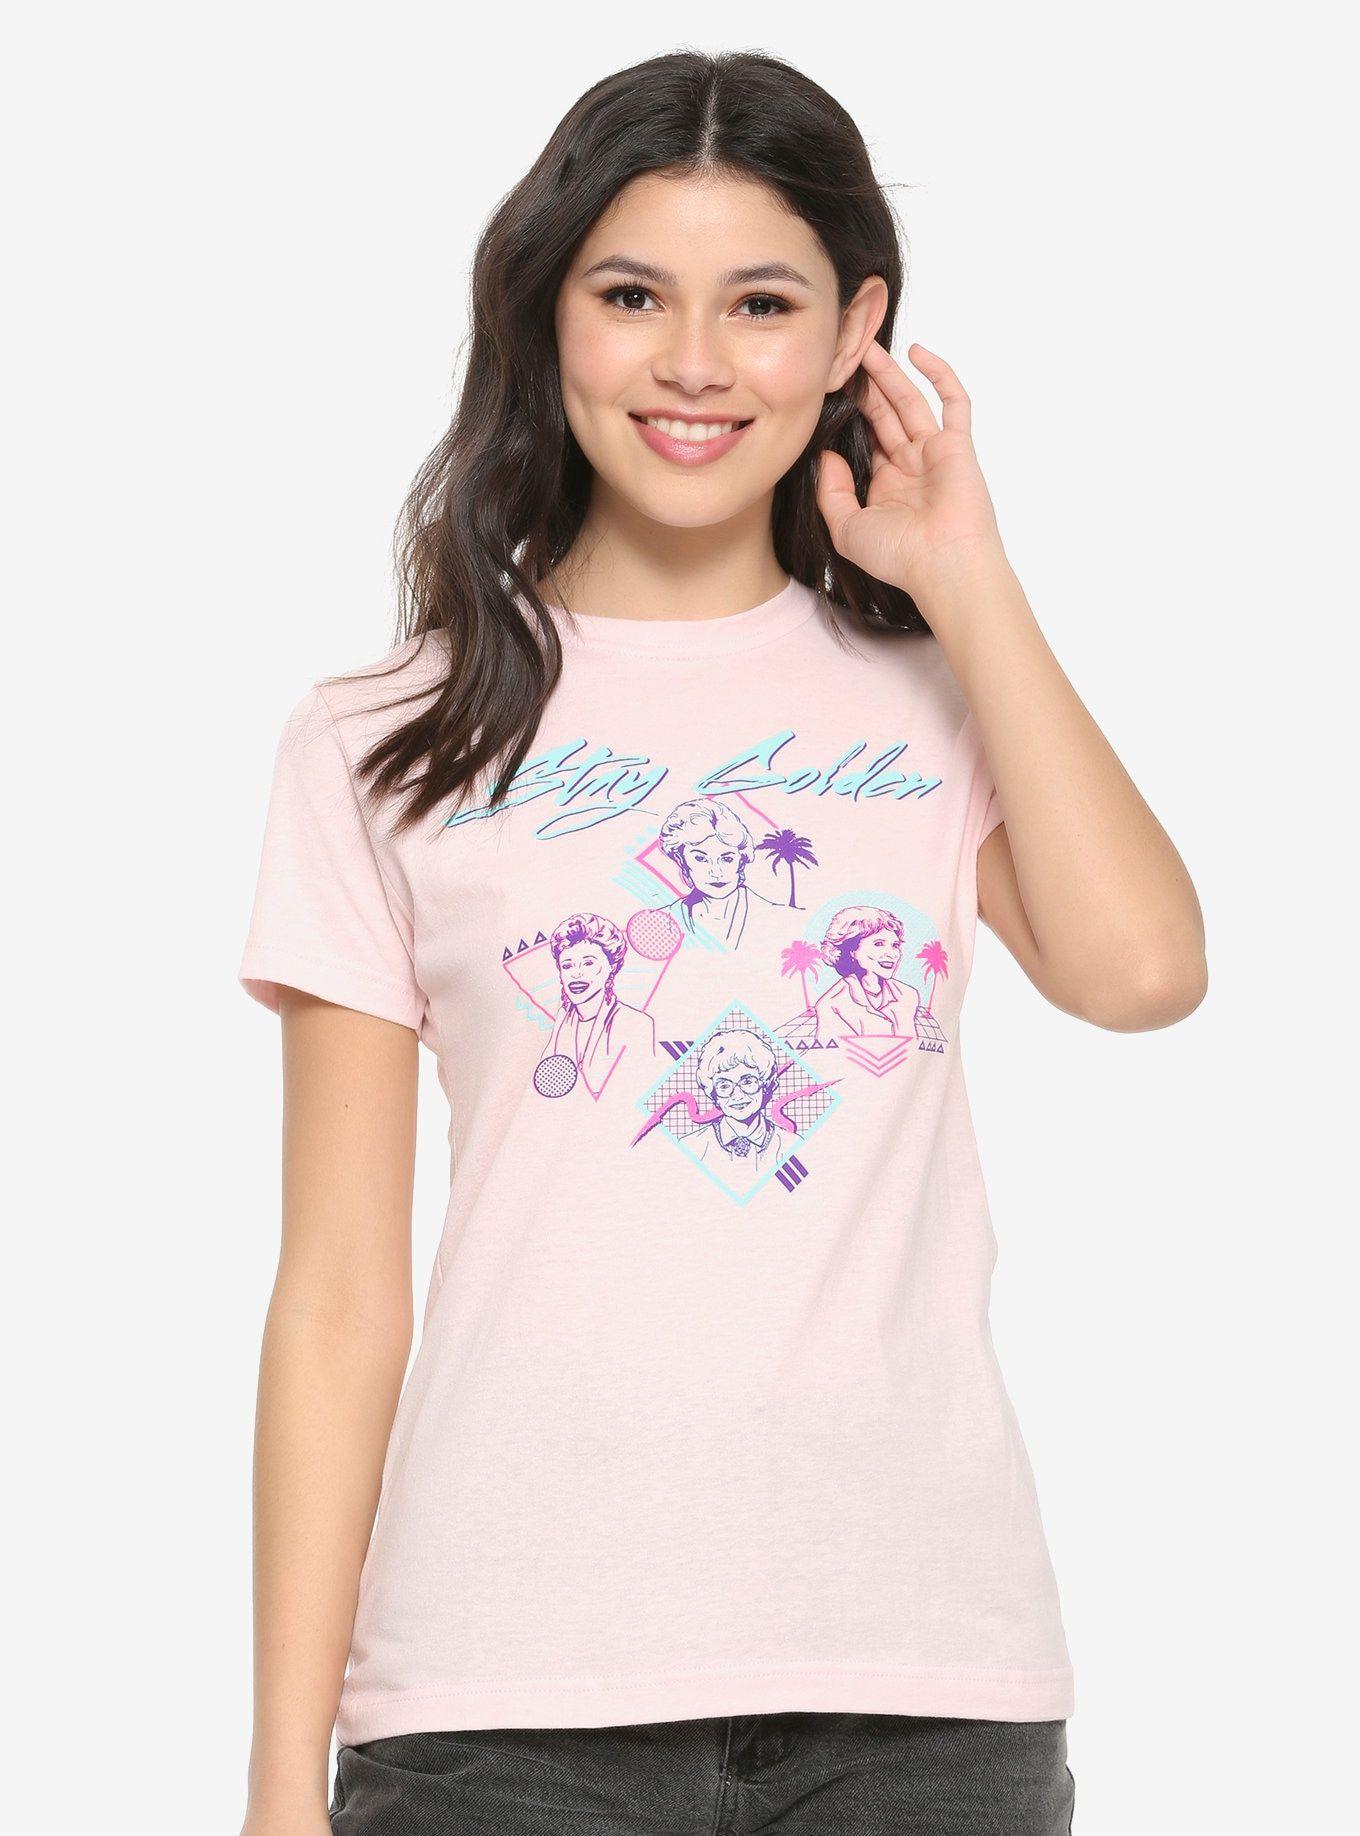 ec403c692a The Golden Girls Stay Golden Retro Womens T-Shirt - BoxLunch ...